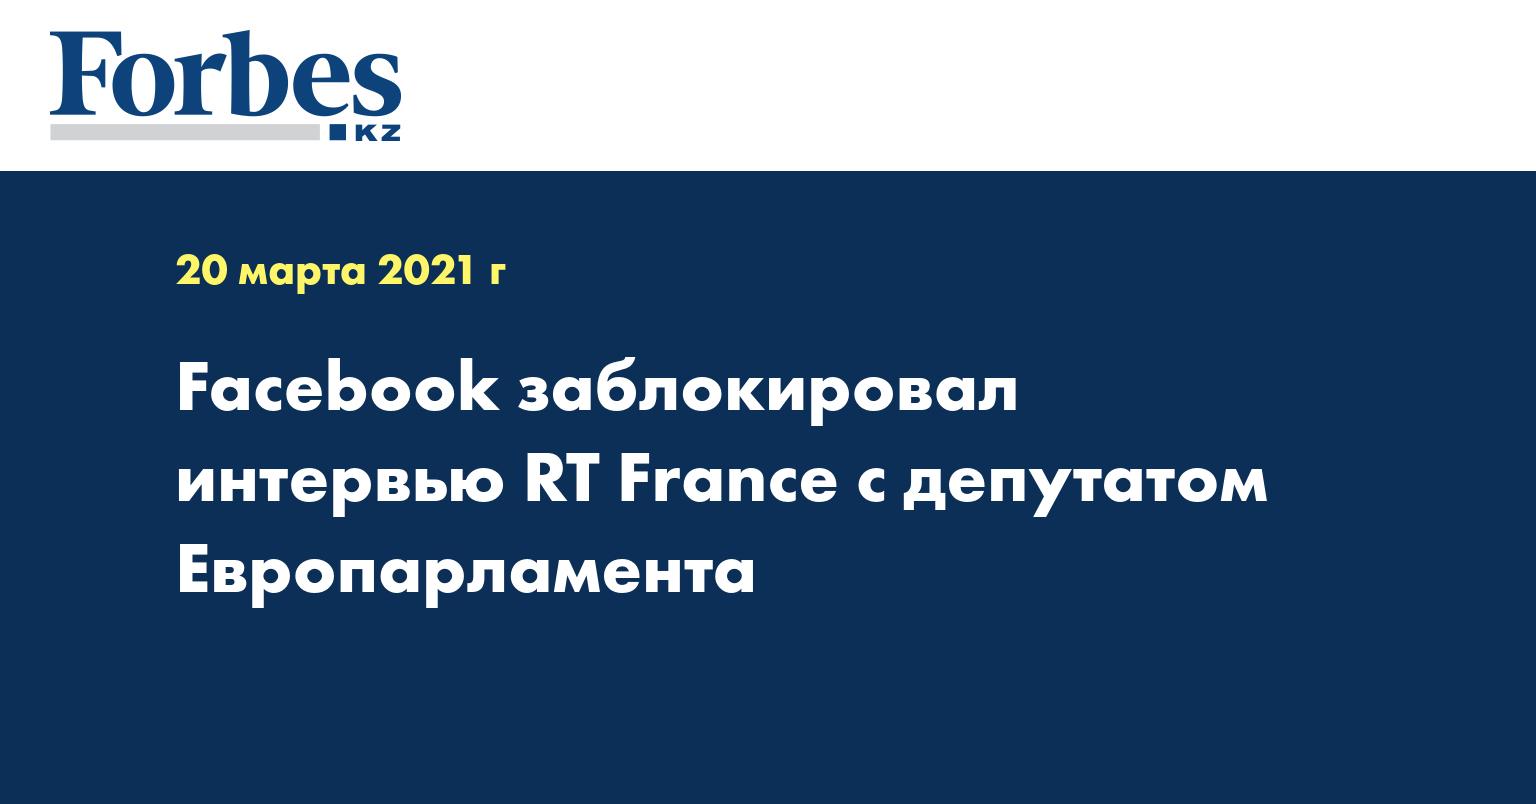 Facebook заблокировал интервью RT France с депутатом Европарламента